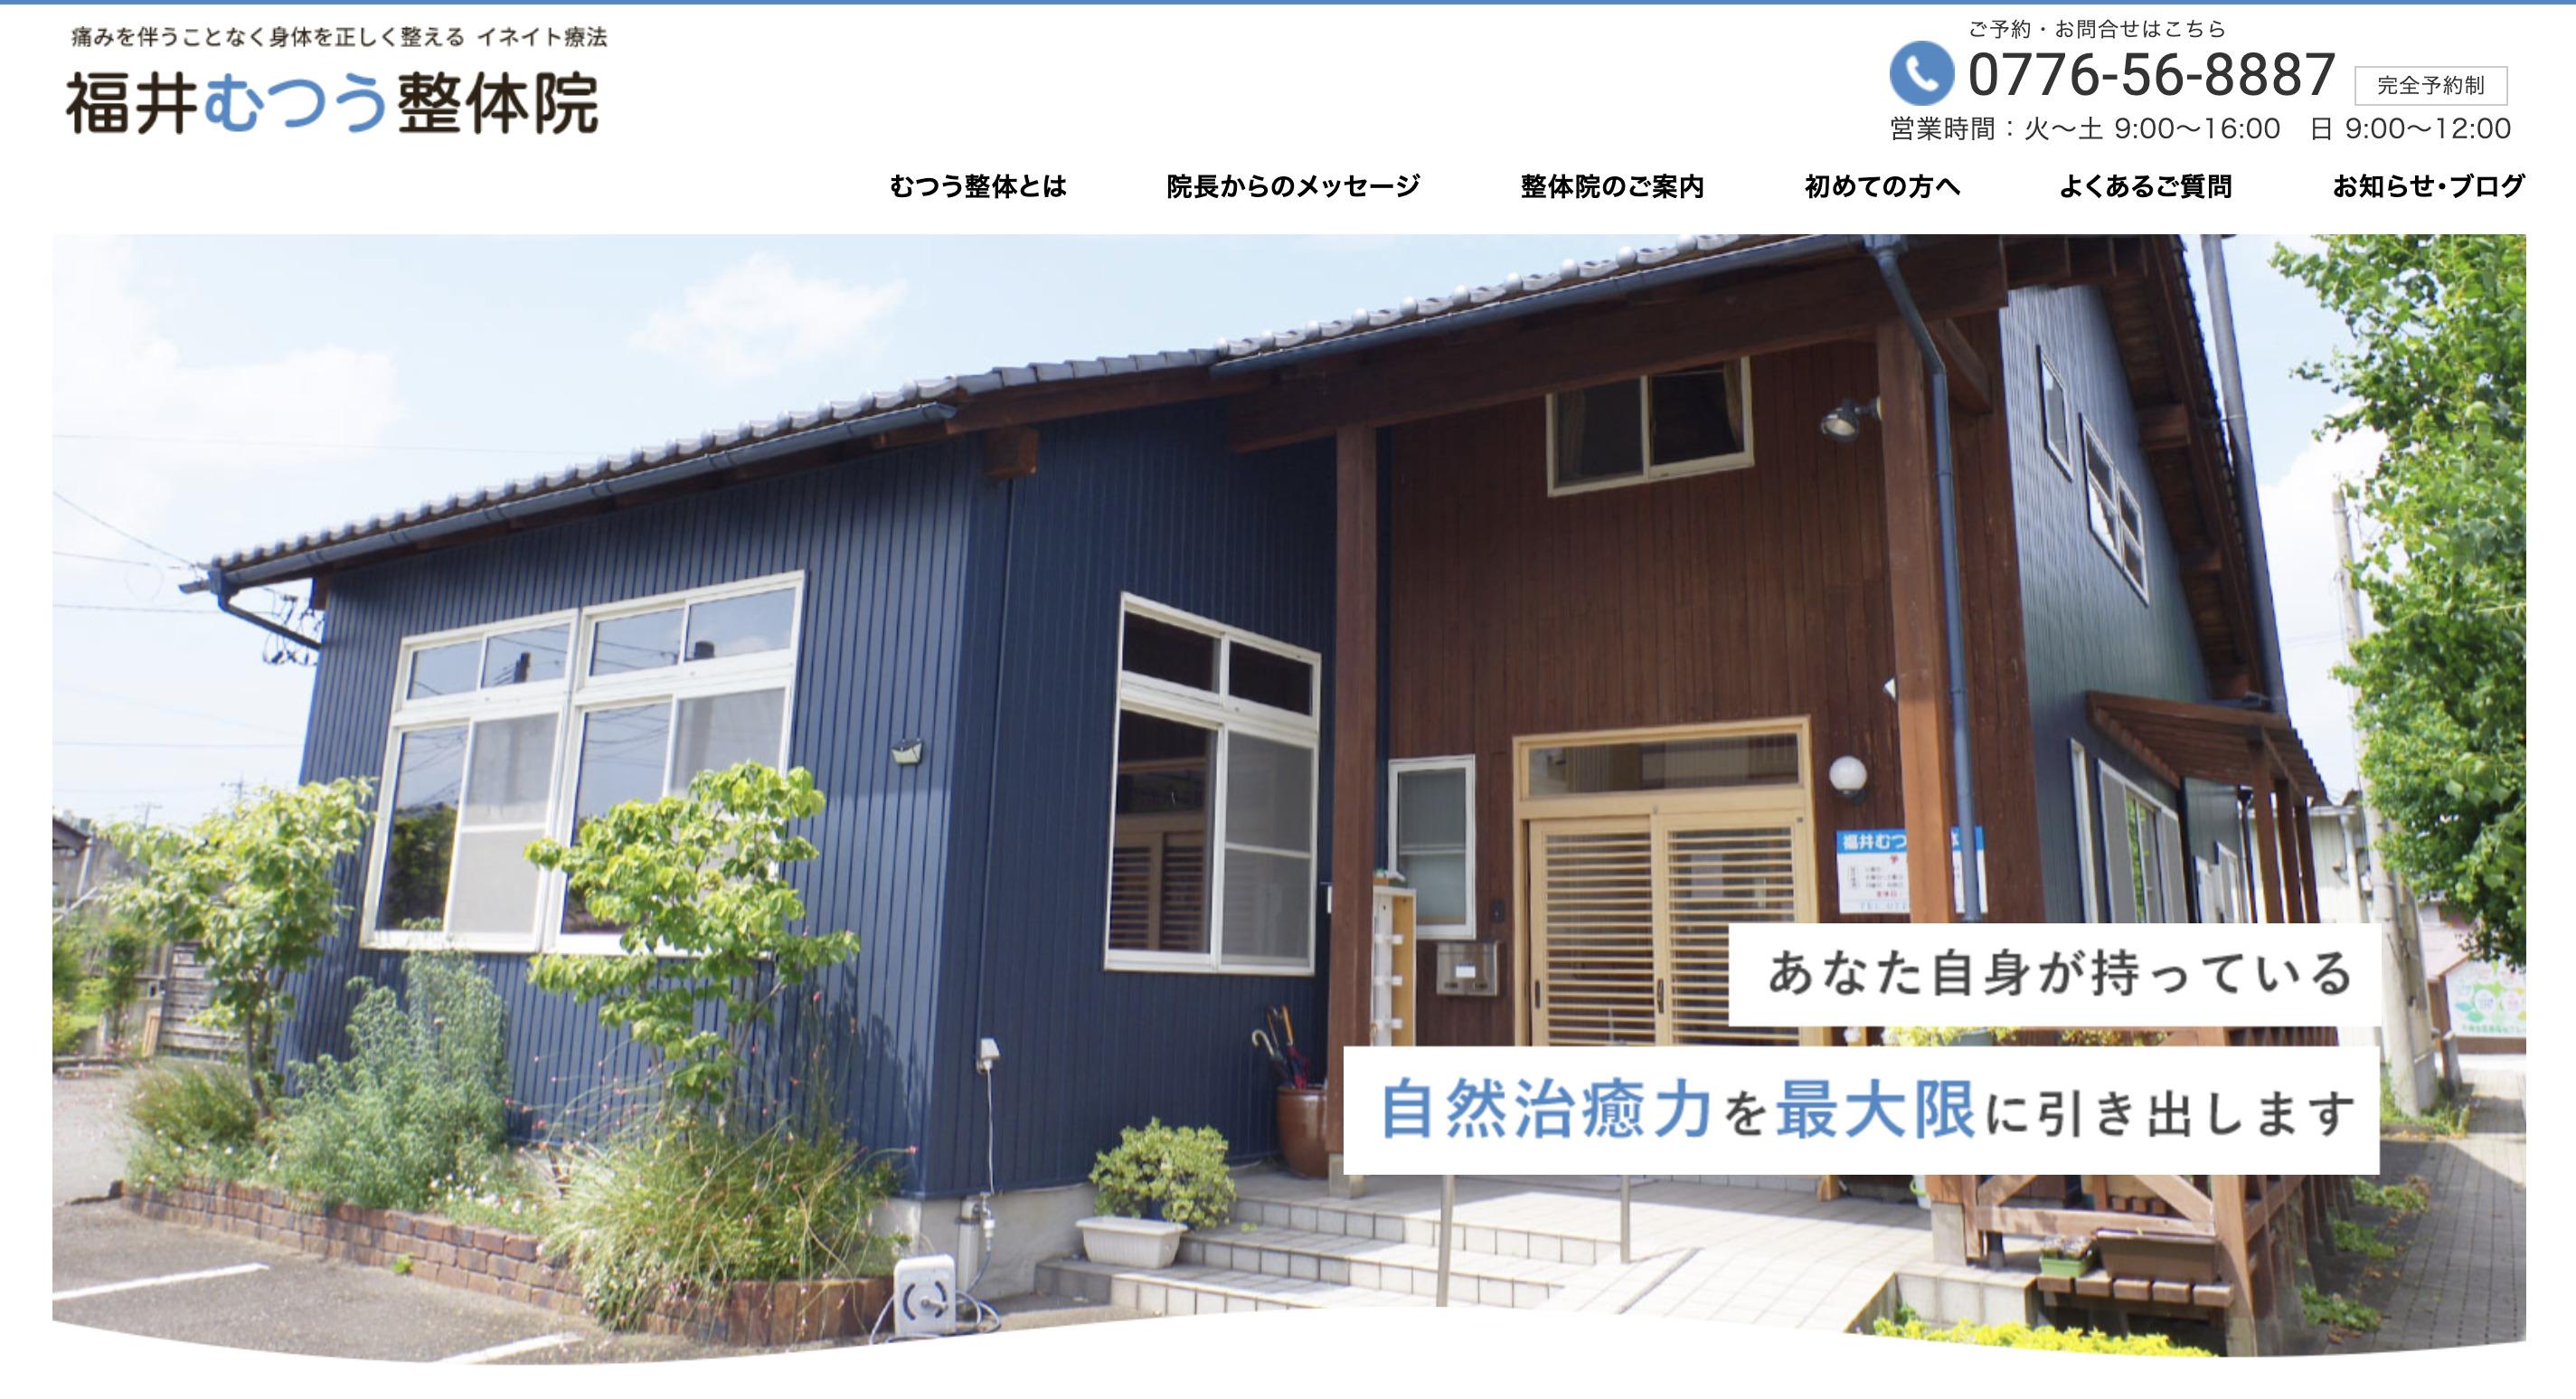 福井県のおすすめ整体院・整骨院のホームページ